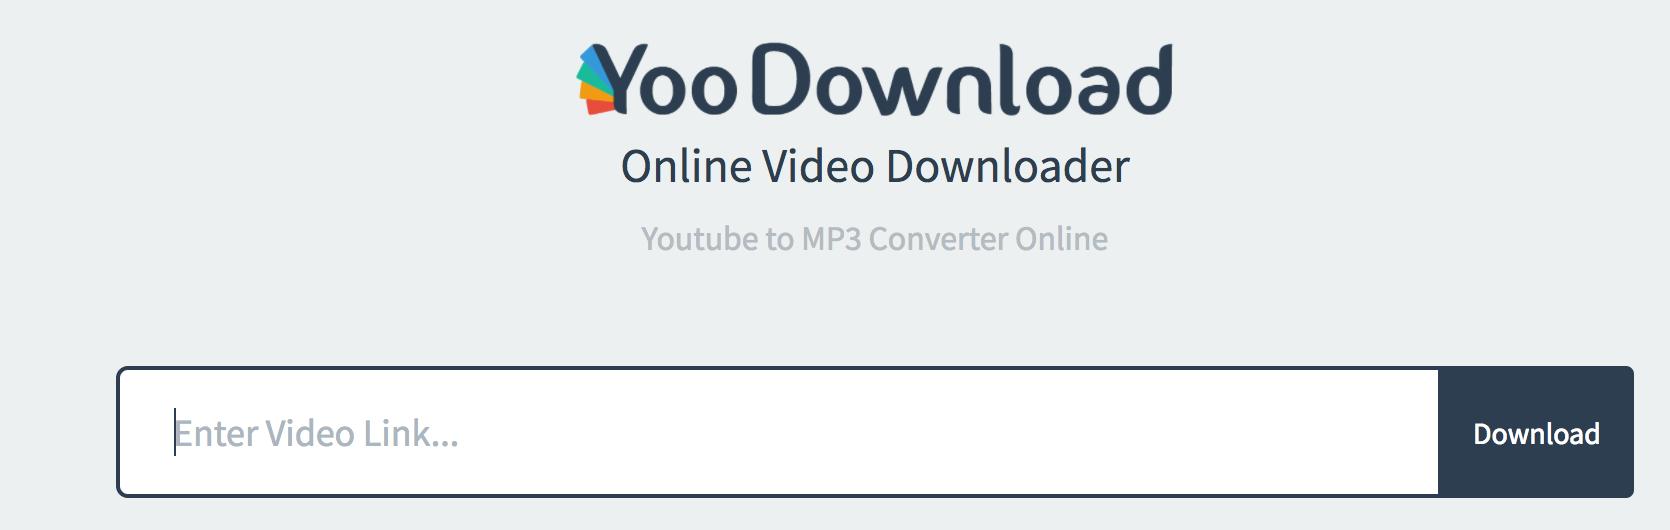 Cách tải video Youtube nhanh không dùng phần mềm [Chỉ 1 phút]